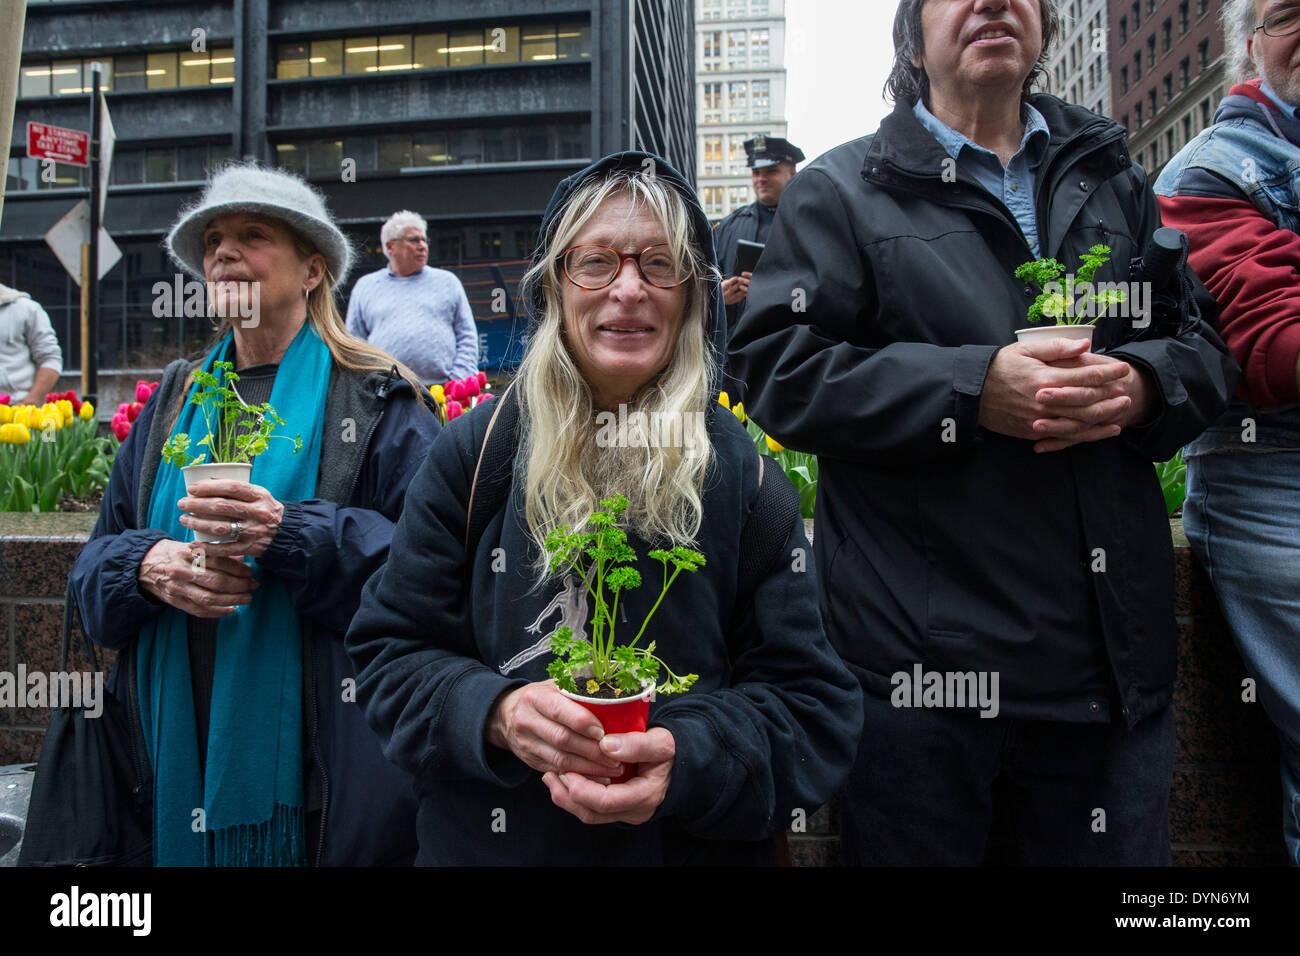 Nueva York, Estados Unidos. El 22 de abril de 2014. Los activistas ambientales, asistir a una protesta en el parque Zuccotti en el día de la tierra. Los manifestantes corearon trajo plantas, y ' el cambio del sistema y no del Clima, ' teniendo como objetivo a grandes empresas que no se adhieren a las preocupaciones ambientales. Estos manifestantes expresaron también que capatilisim la explotación de la naturaleza es la otra cara de la explotación del trabajo humano. Crédito: Scott Houston/Alamy Live News Imagen De Stock